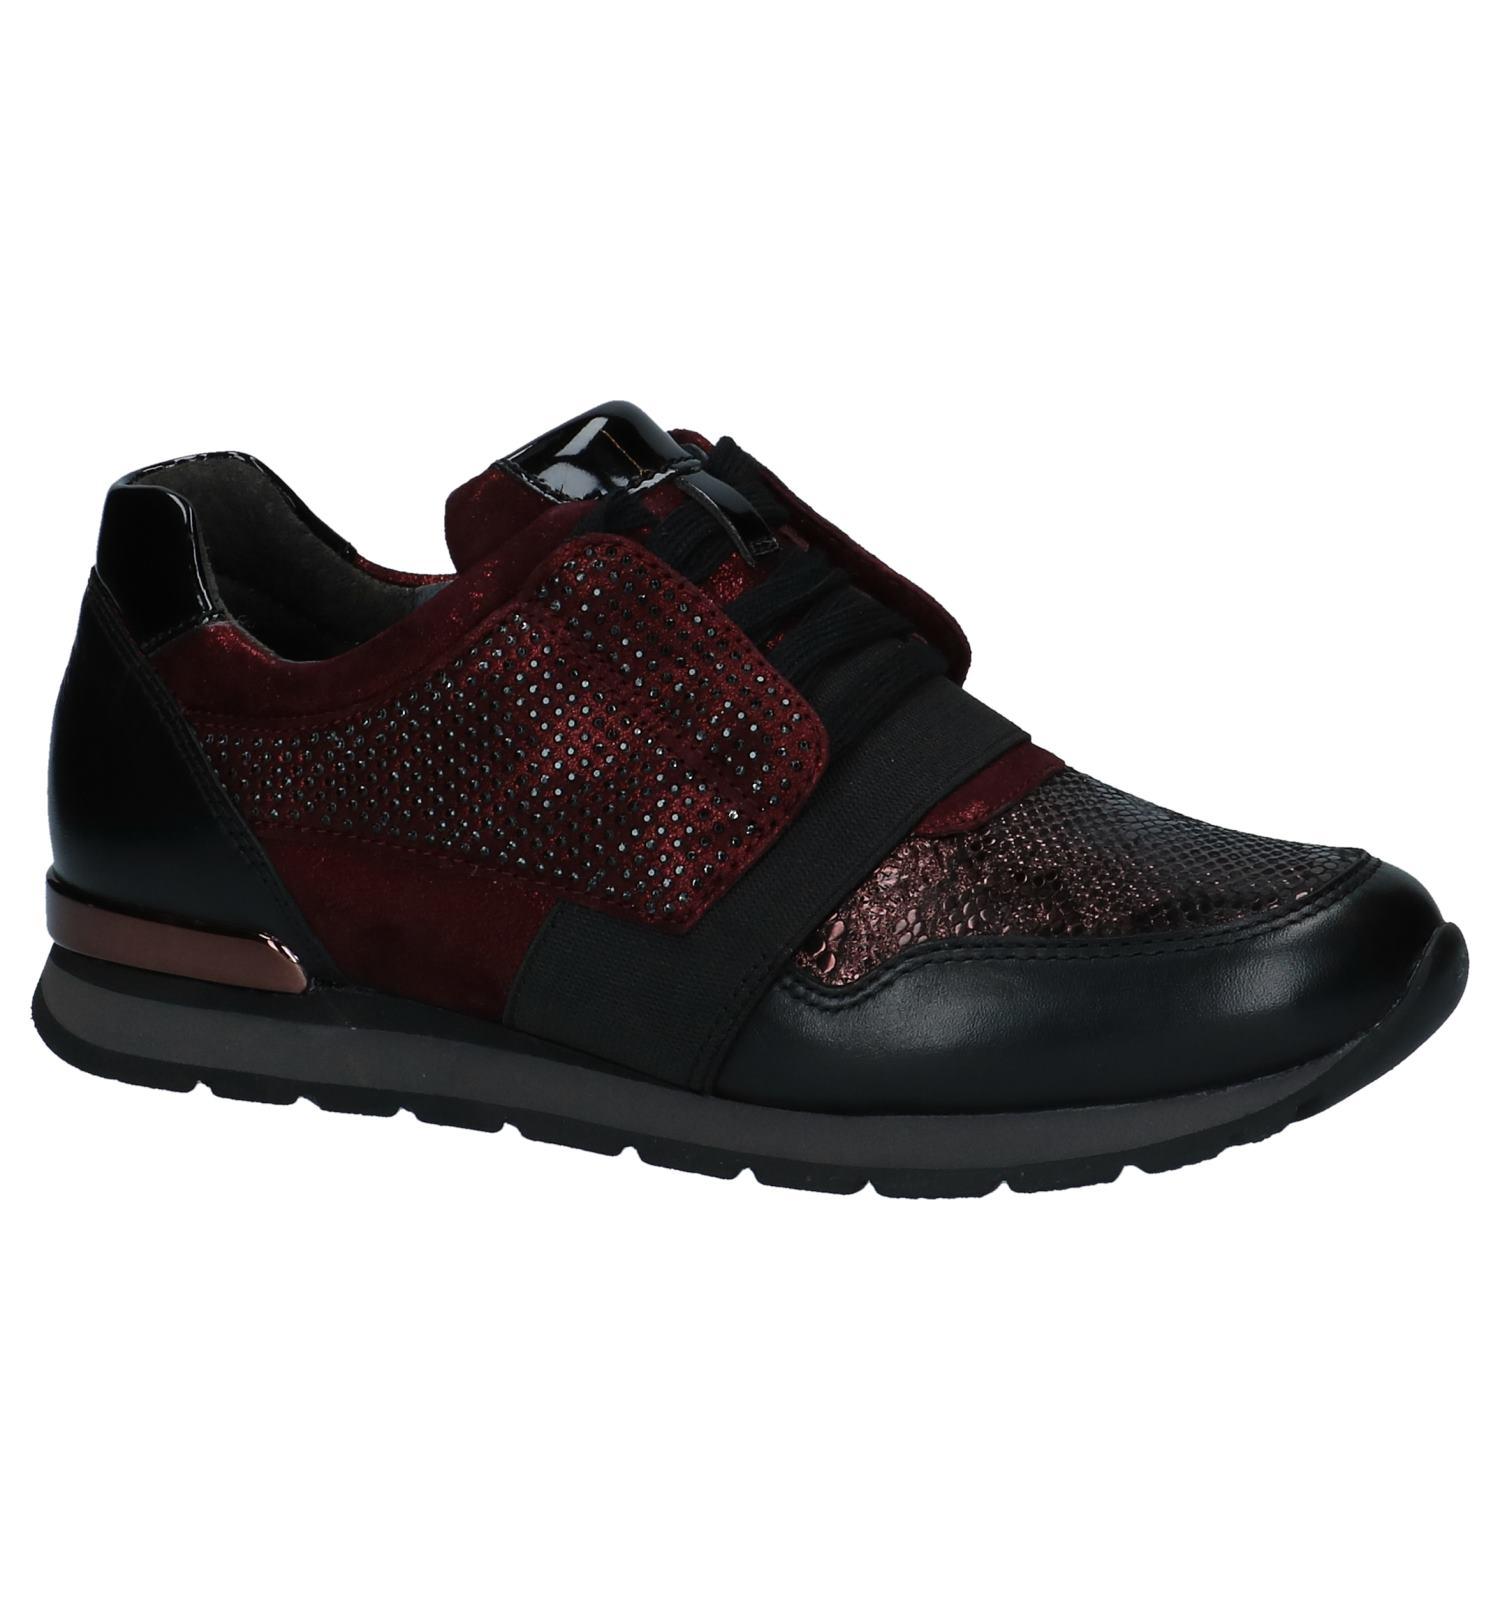 Bordeaux Geklede Sneakers Gabor Comfort | SCHOENENTORFS.NL | Gratis verzend en retour